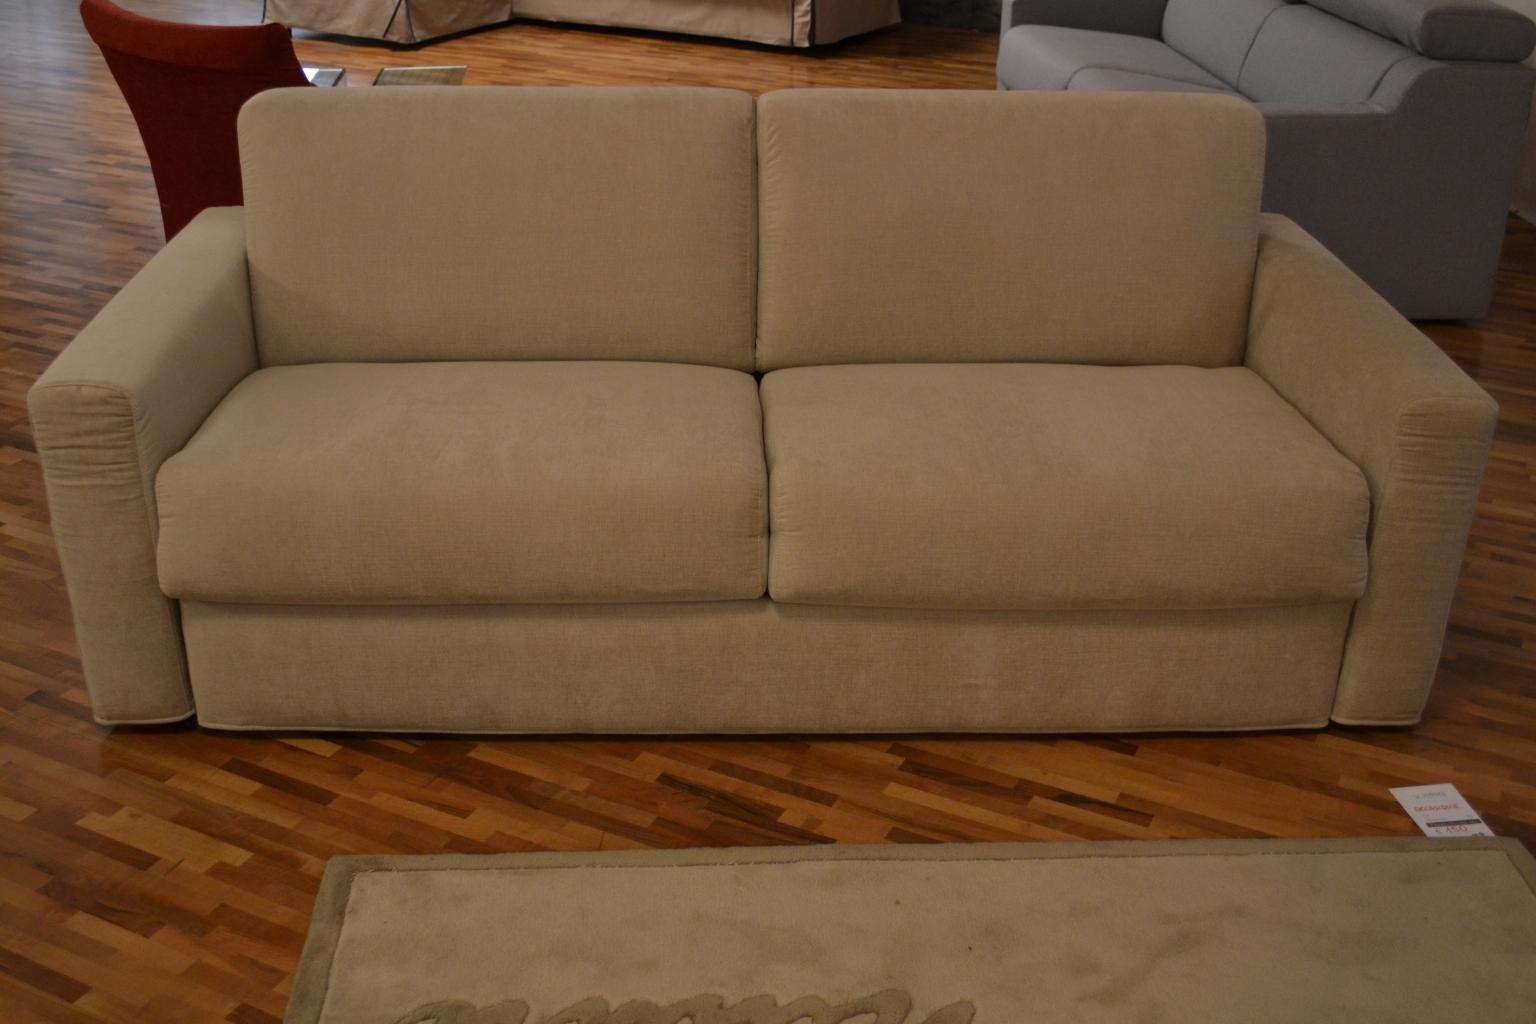 Divano letto kendo offerta divani a prezzi scontati for Divano letto prezzi